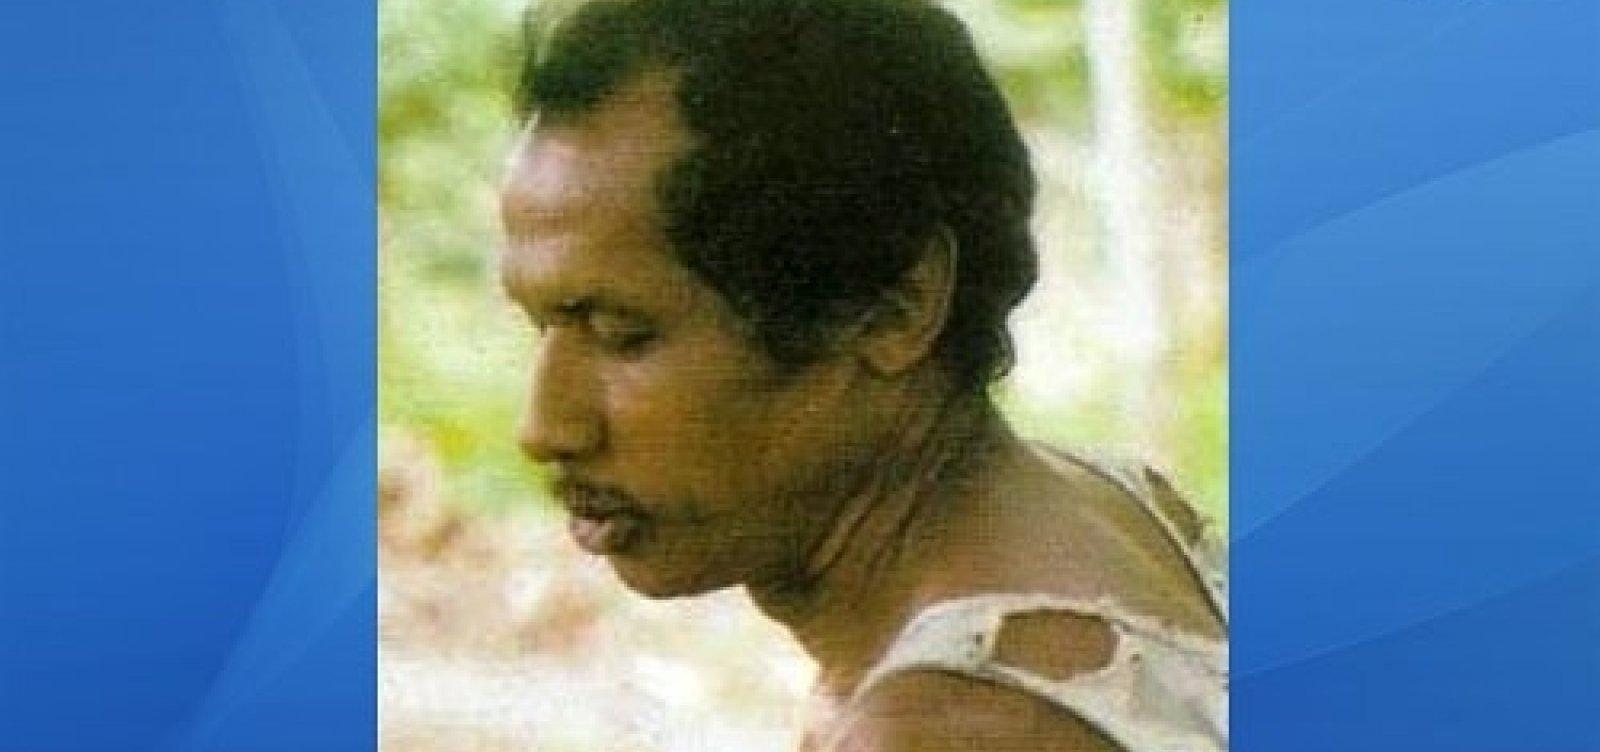 Suspeito de executar líder indígena em Ilhéus é denunciado pelo MPF